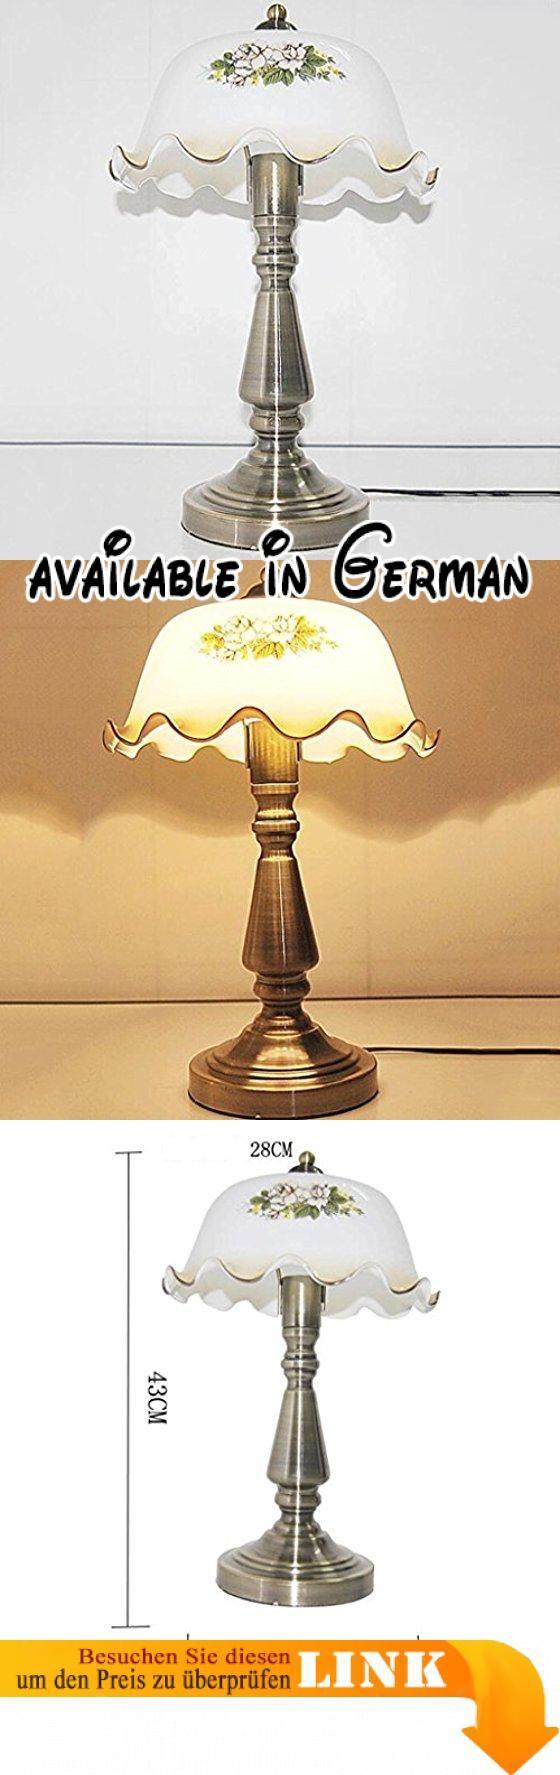 BMKY Tischlampe Retro Schlafzimmer Lampe Nachttischlampe Garten Dekoration  Kreative Studie Lampe Tischlampe.